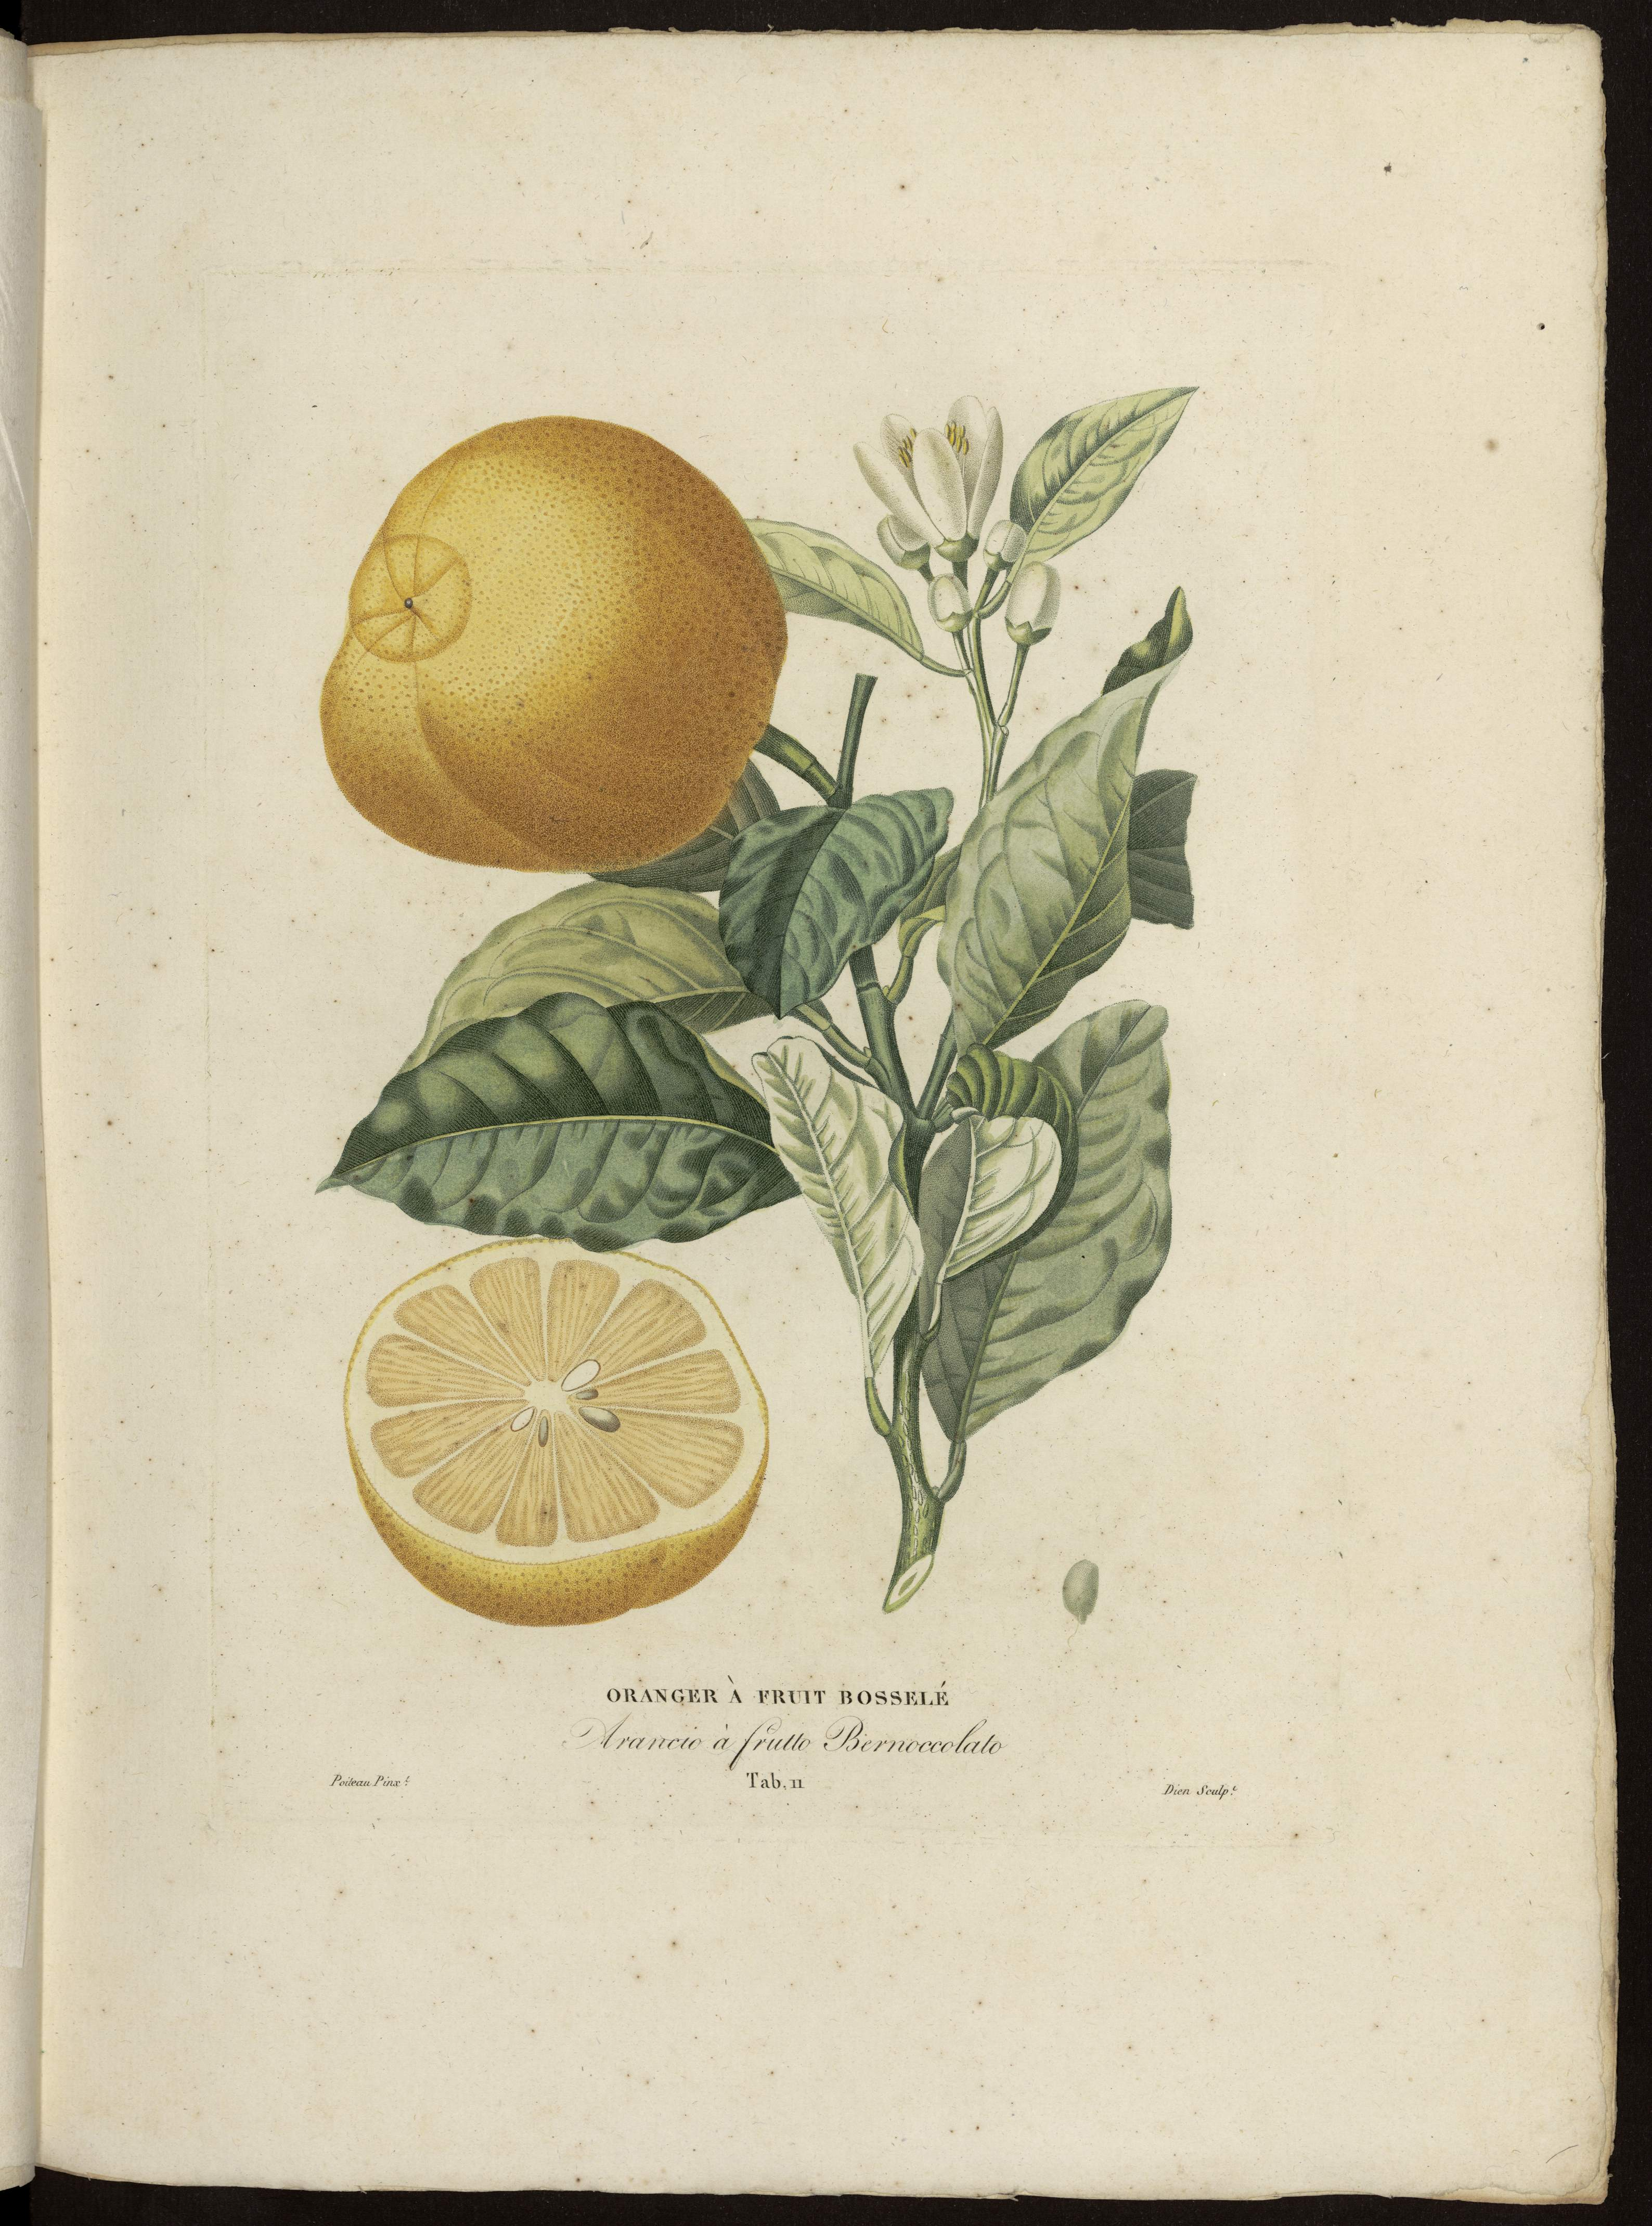 Oranger à fruit bosselé